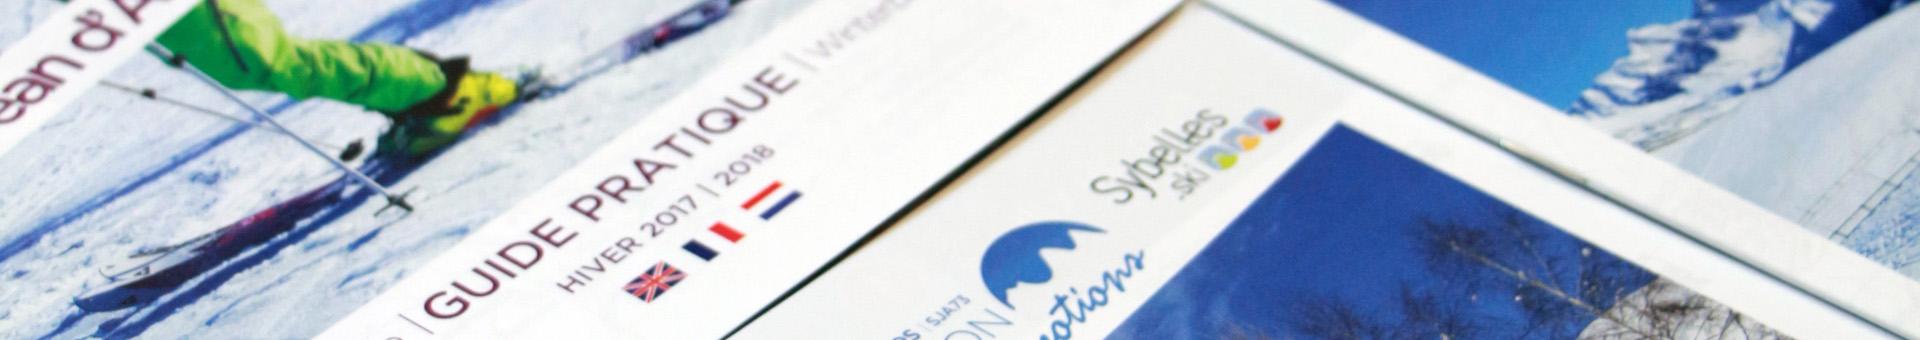 Our-brochures-sja-73